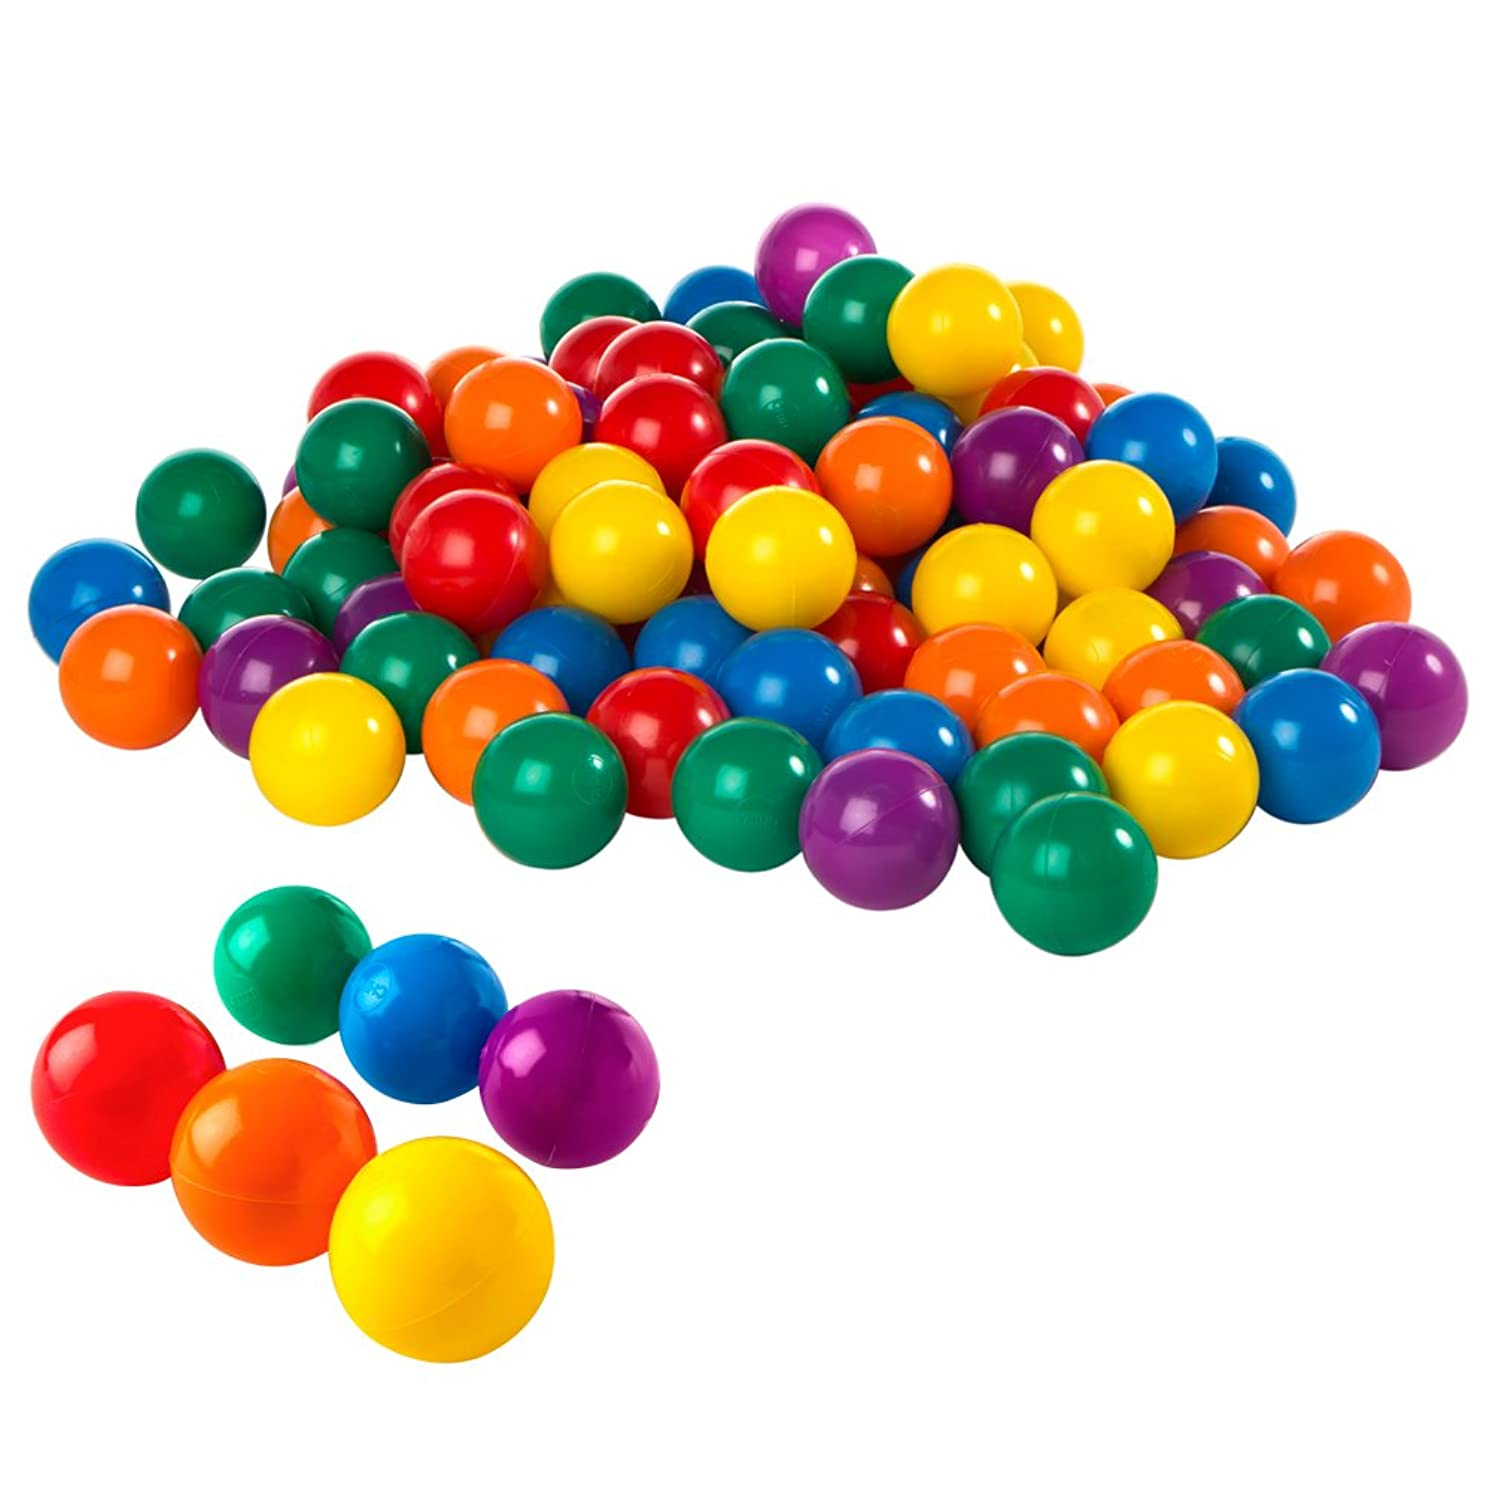 ナサニエル区対話公園折り畳み式 子供用テント セット 海洋ボールプール プレイトンネル ボールハウス を組み合わせた室内遊具 公園玩具 おもちゃトンネル 知育玩具 (3セット)